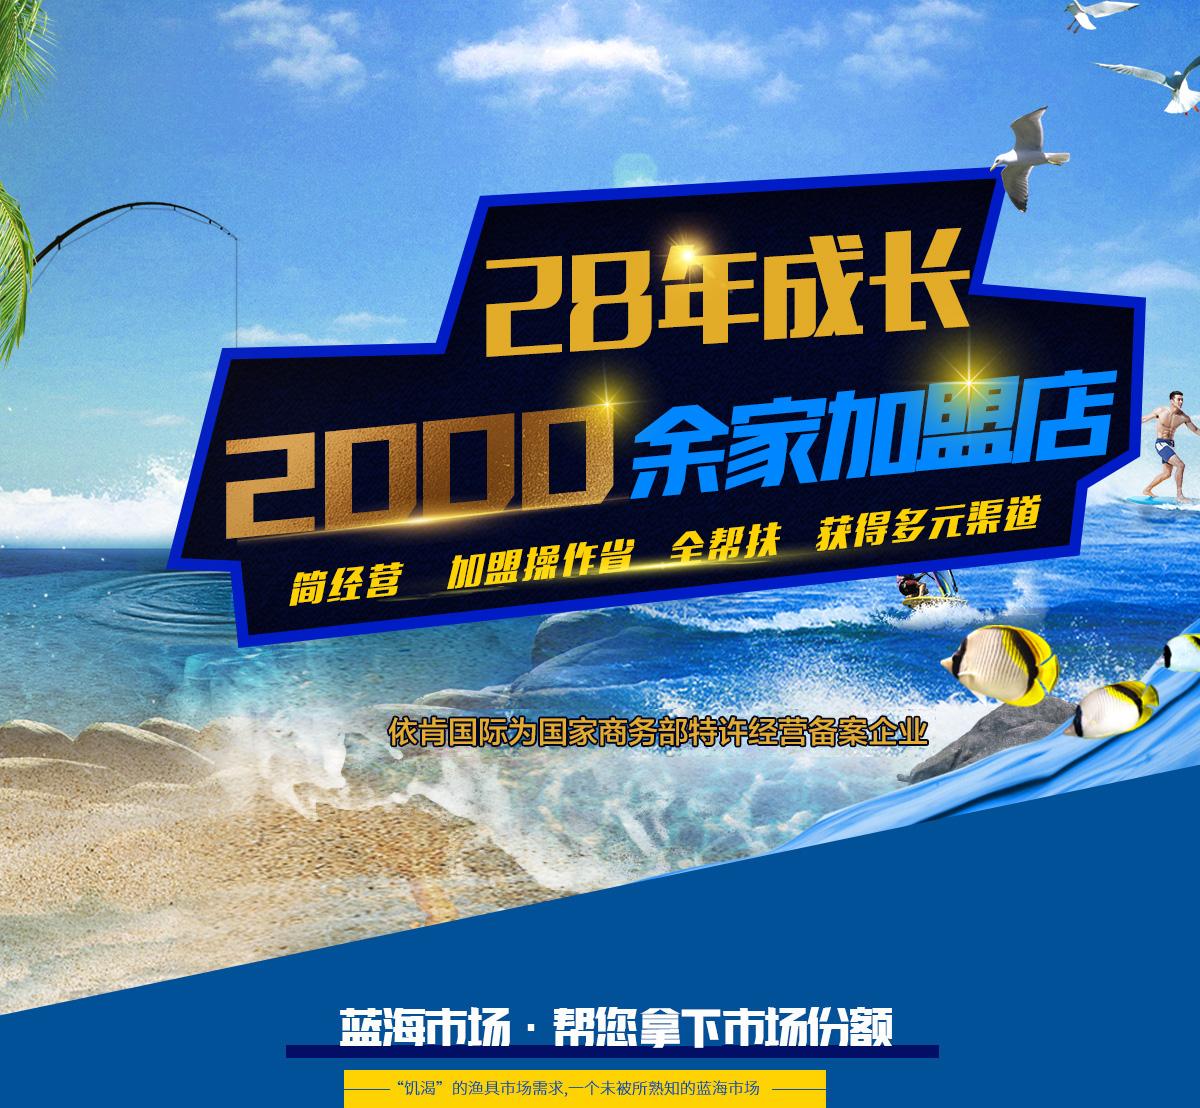 25nianchengchang 2000余家jia盟店